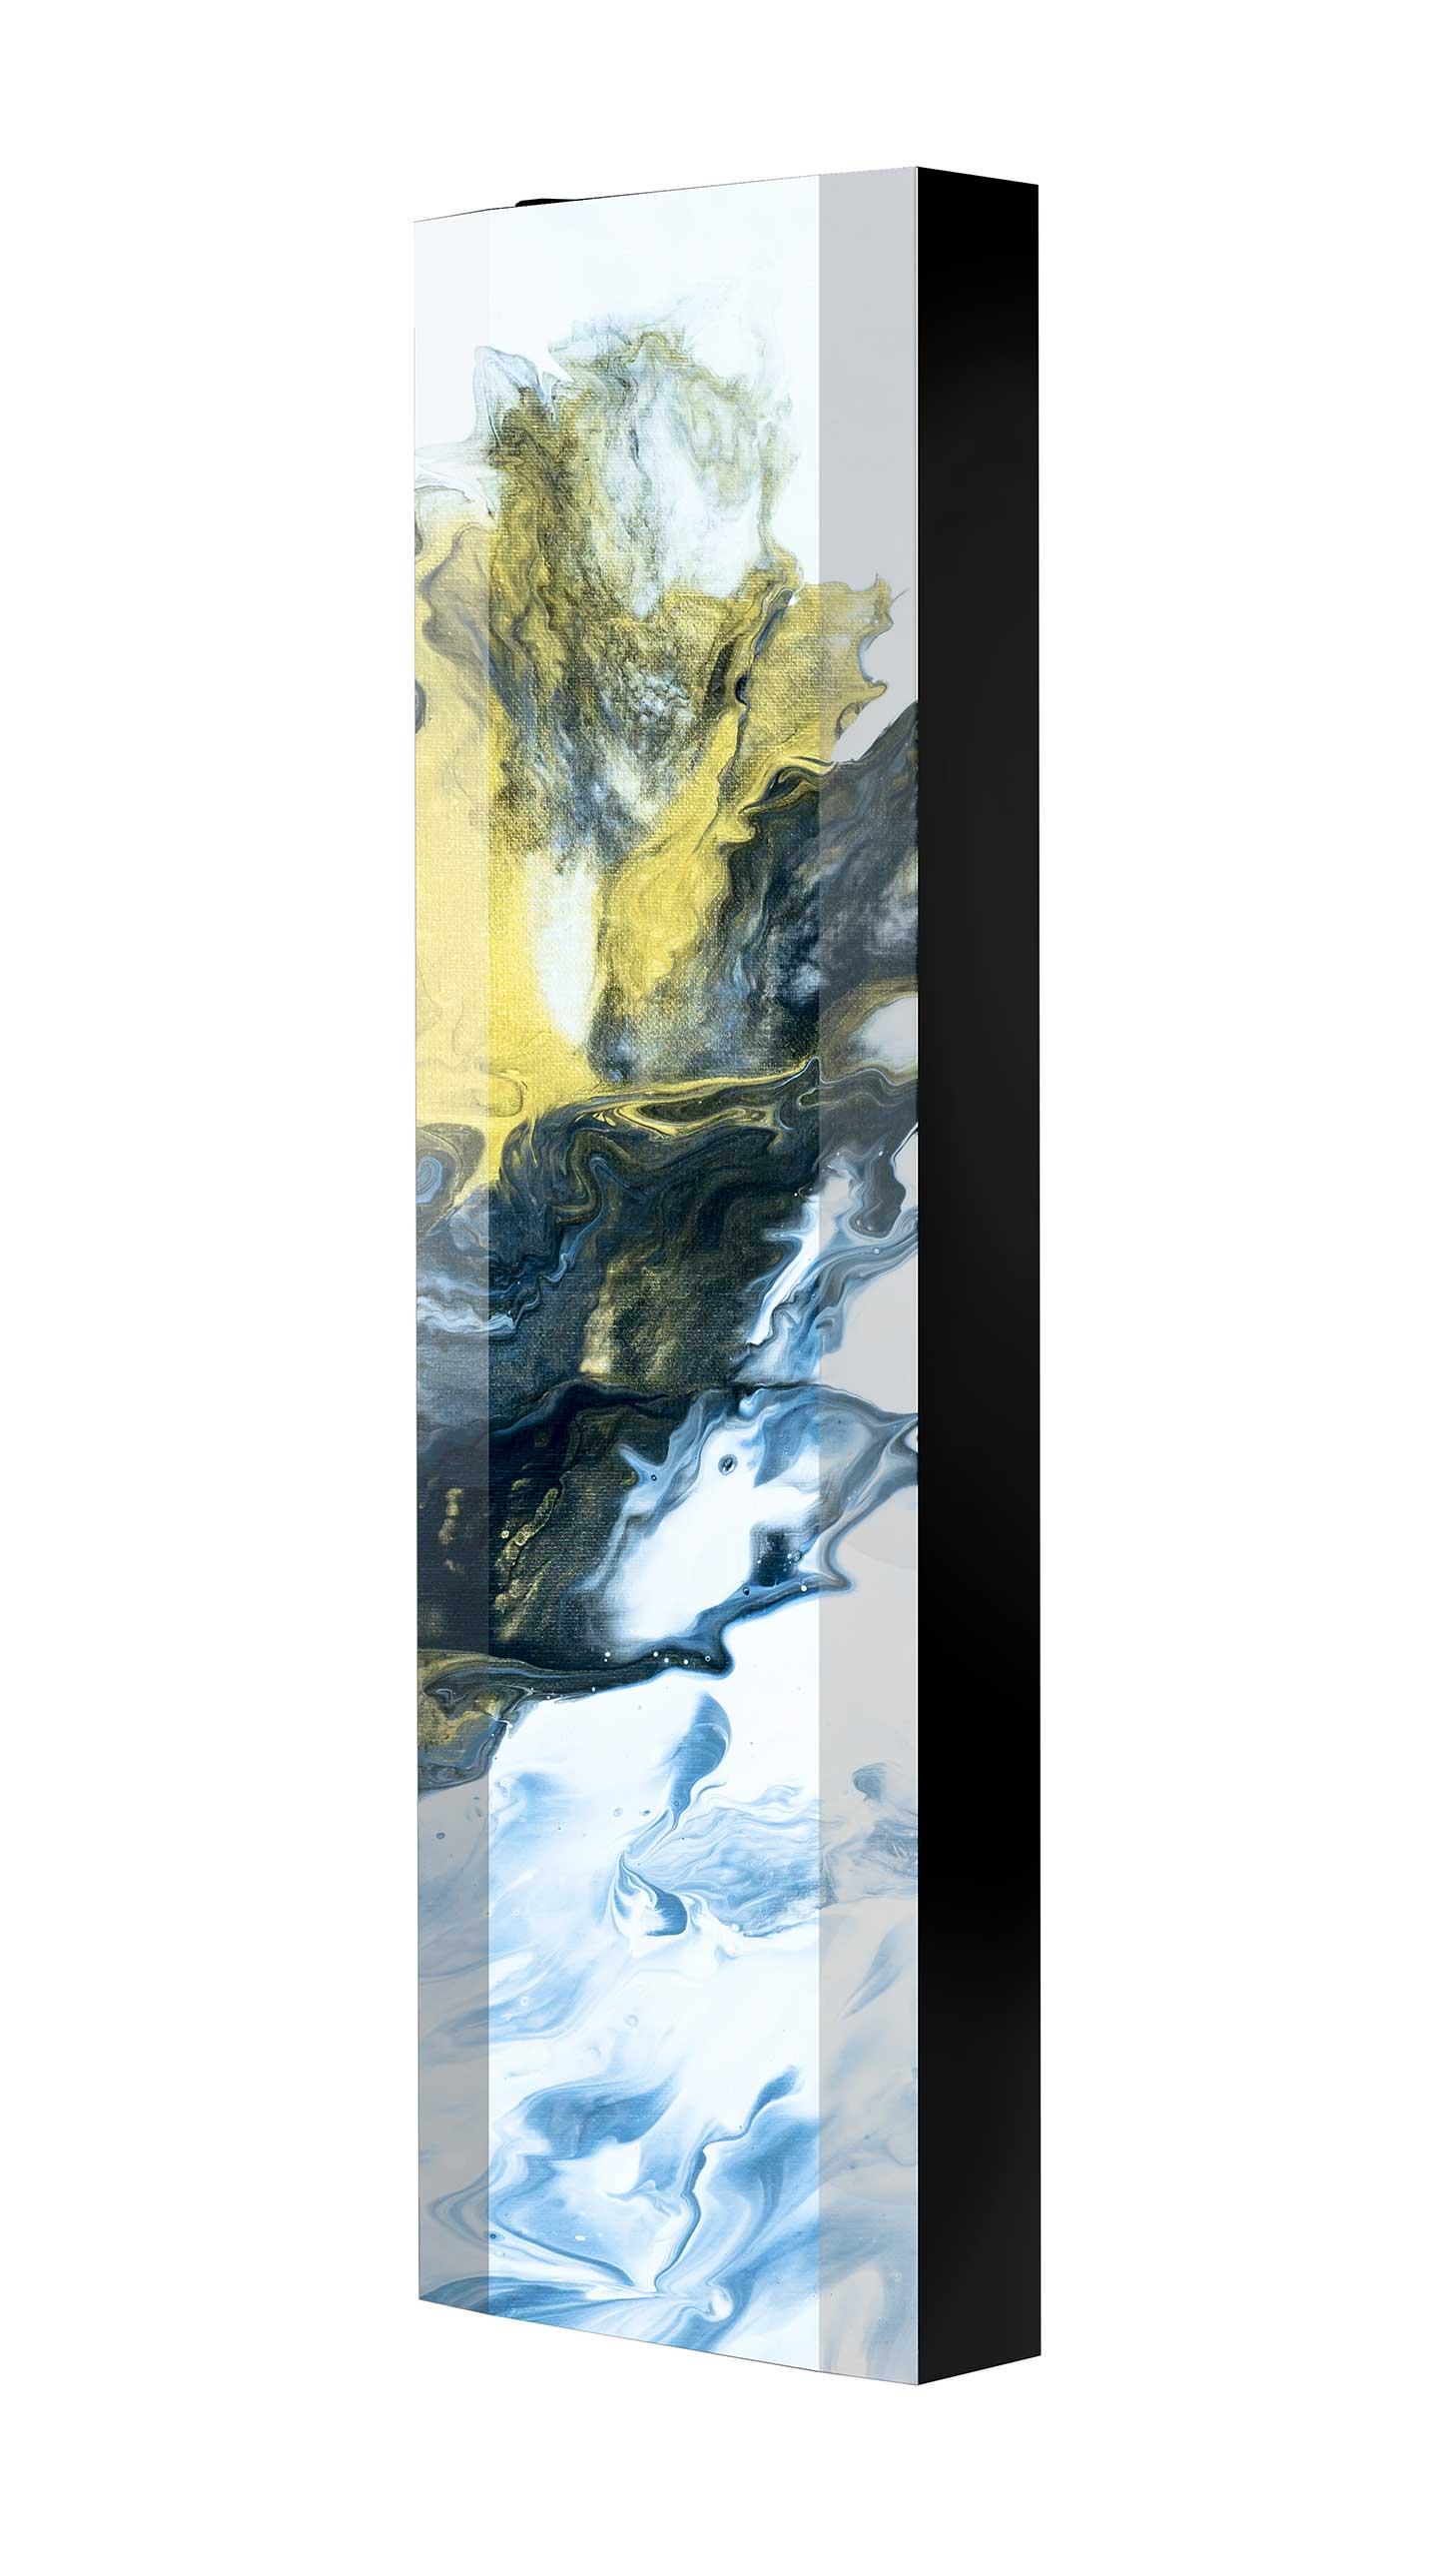 Schuhschrank FLASH 450 BLACK-EDITION Motivschrank schwarz drehbar M118 Kunst Modern